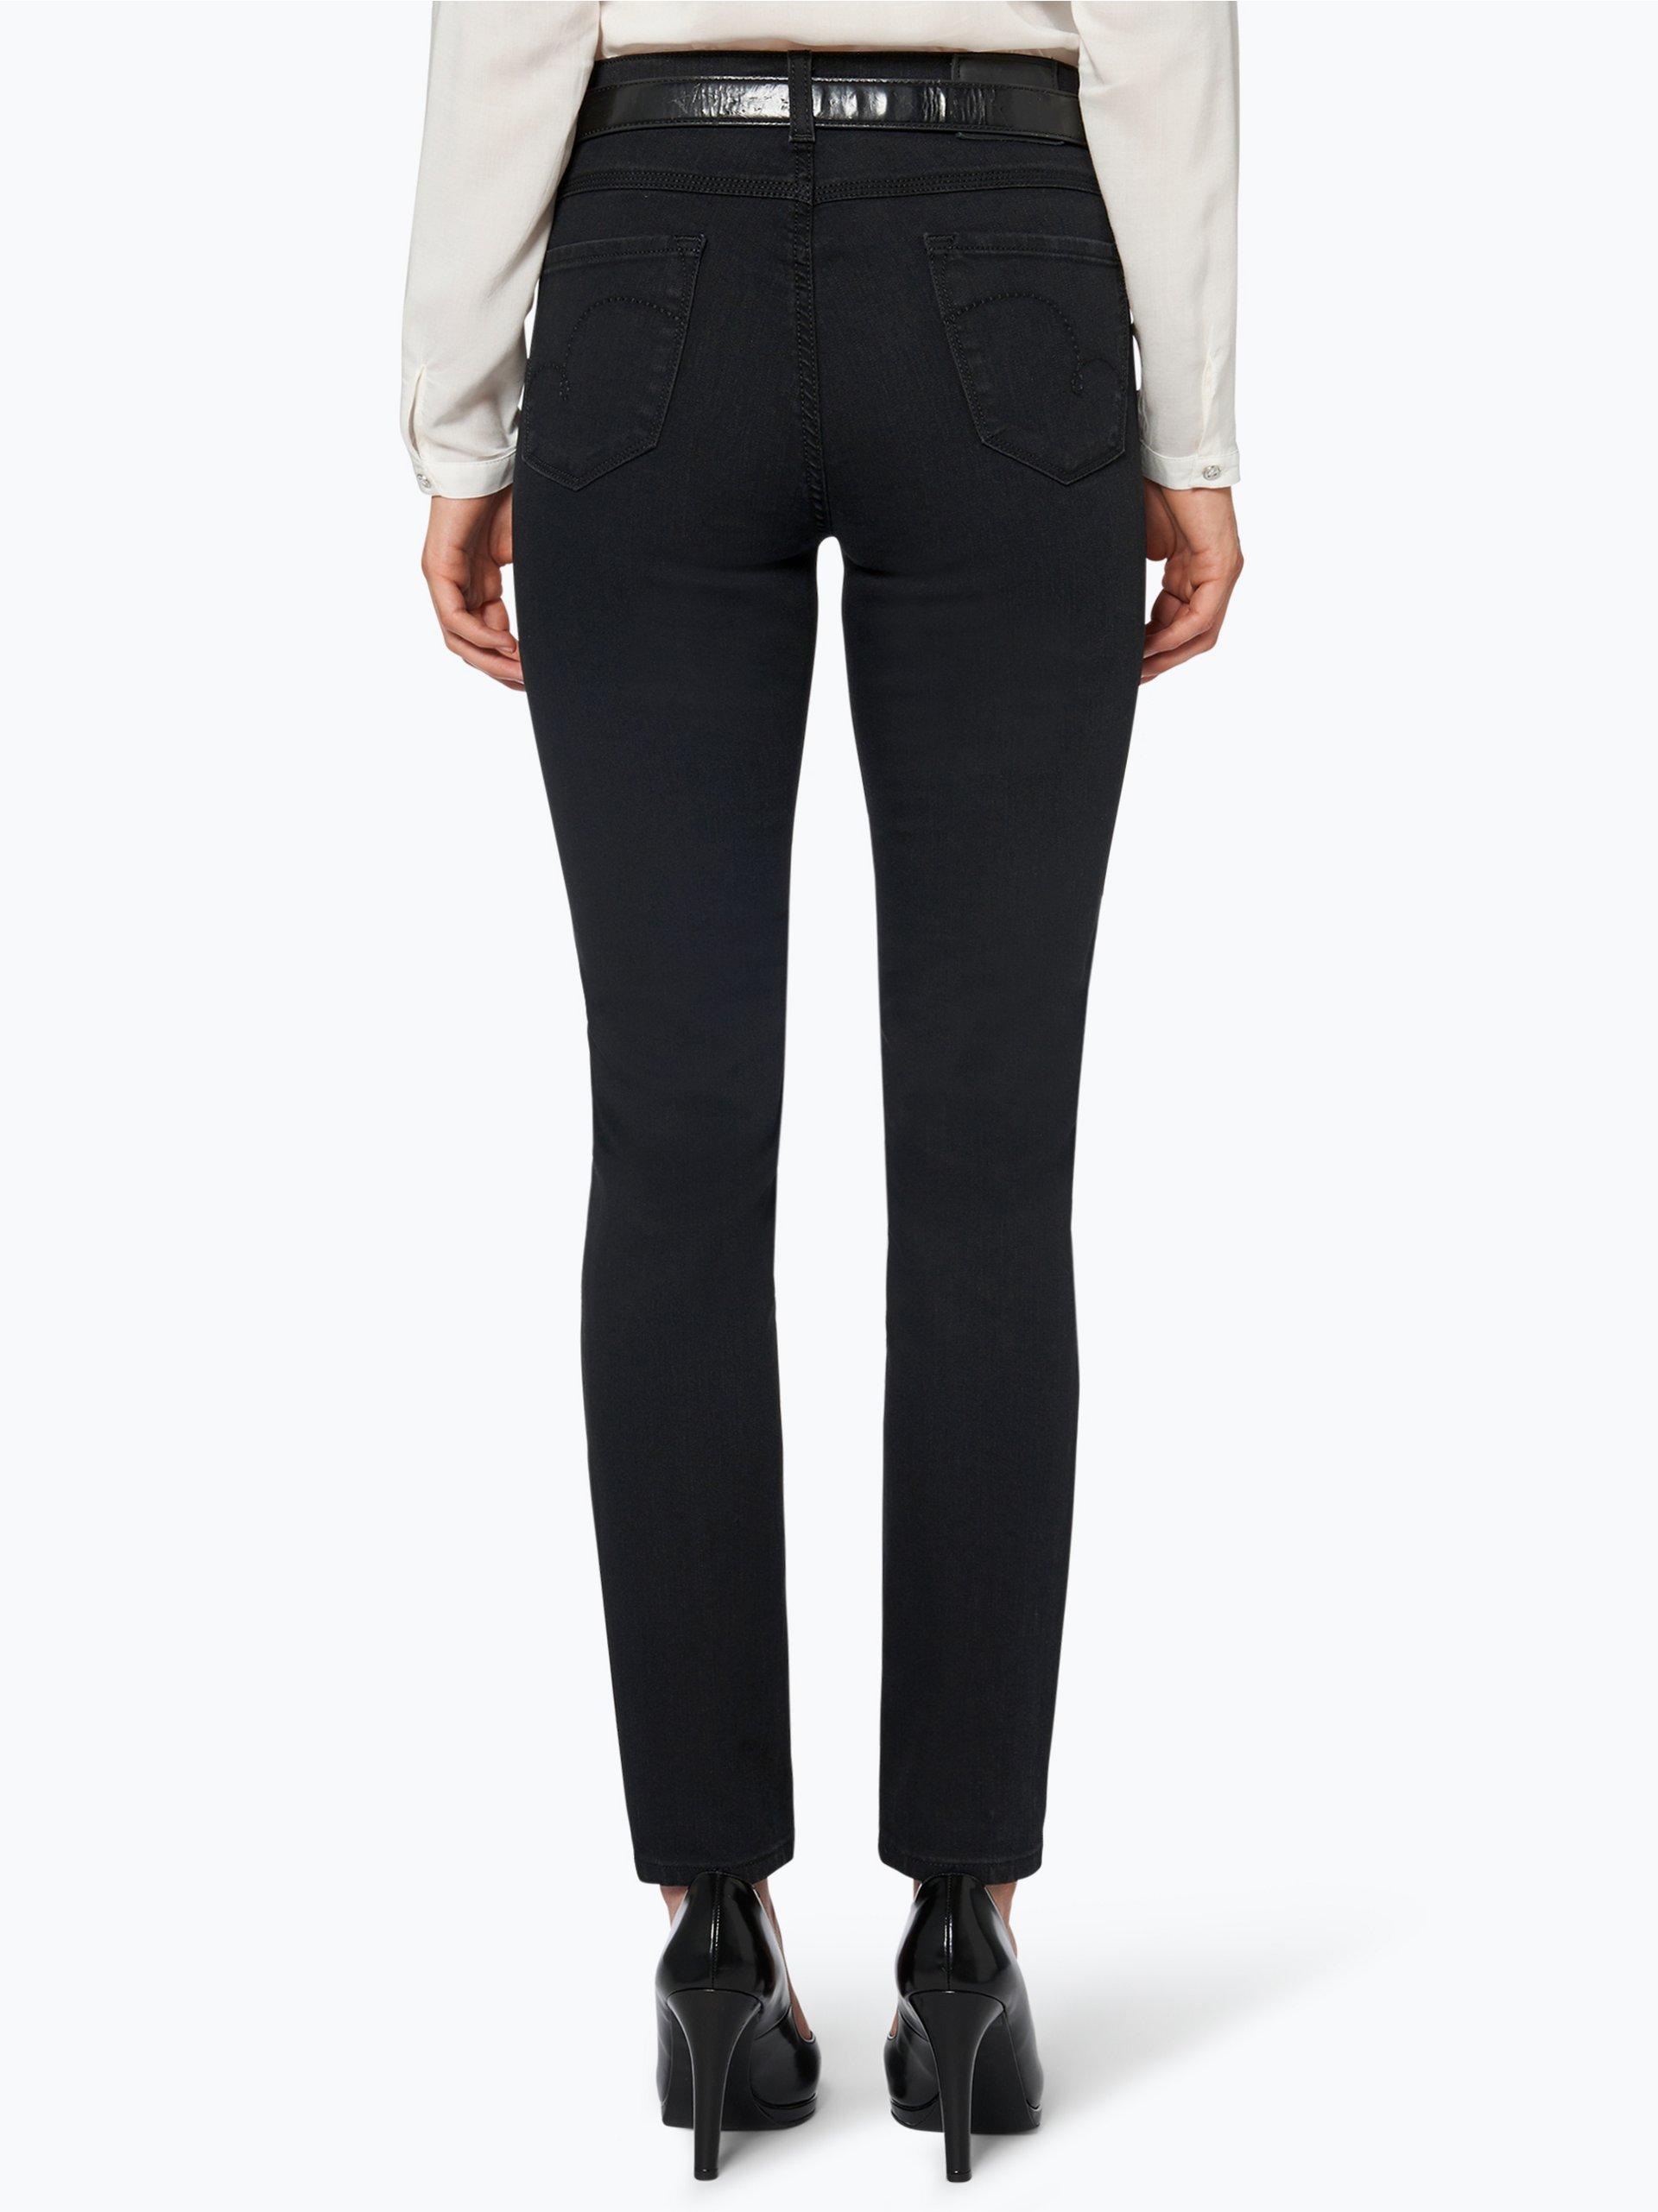 angels damen jeans skinny schwarz uni online kaufen. Black Bedroom Furniture Sets. Home Design Ideas